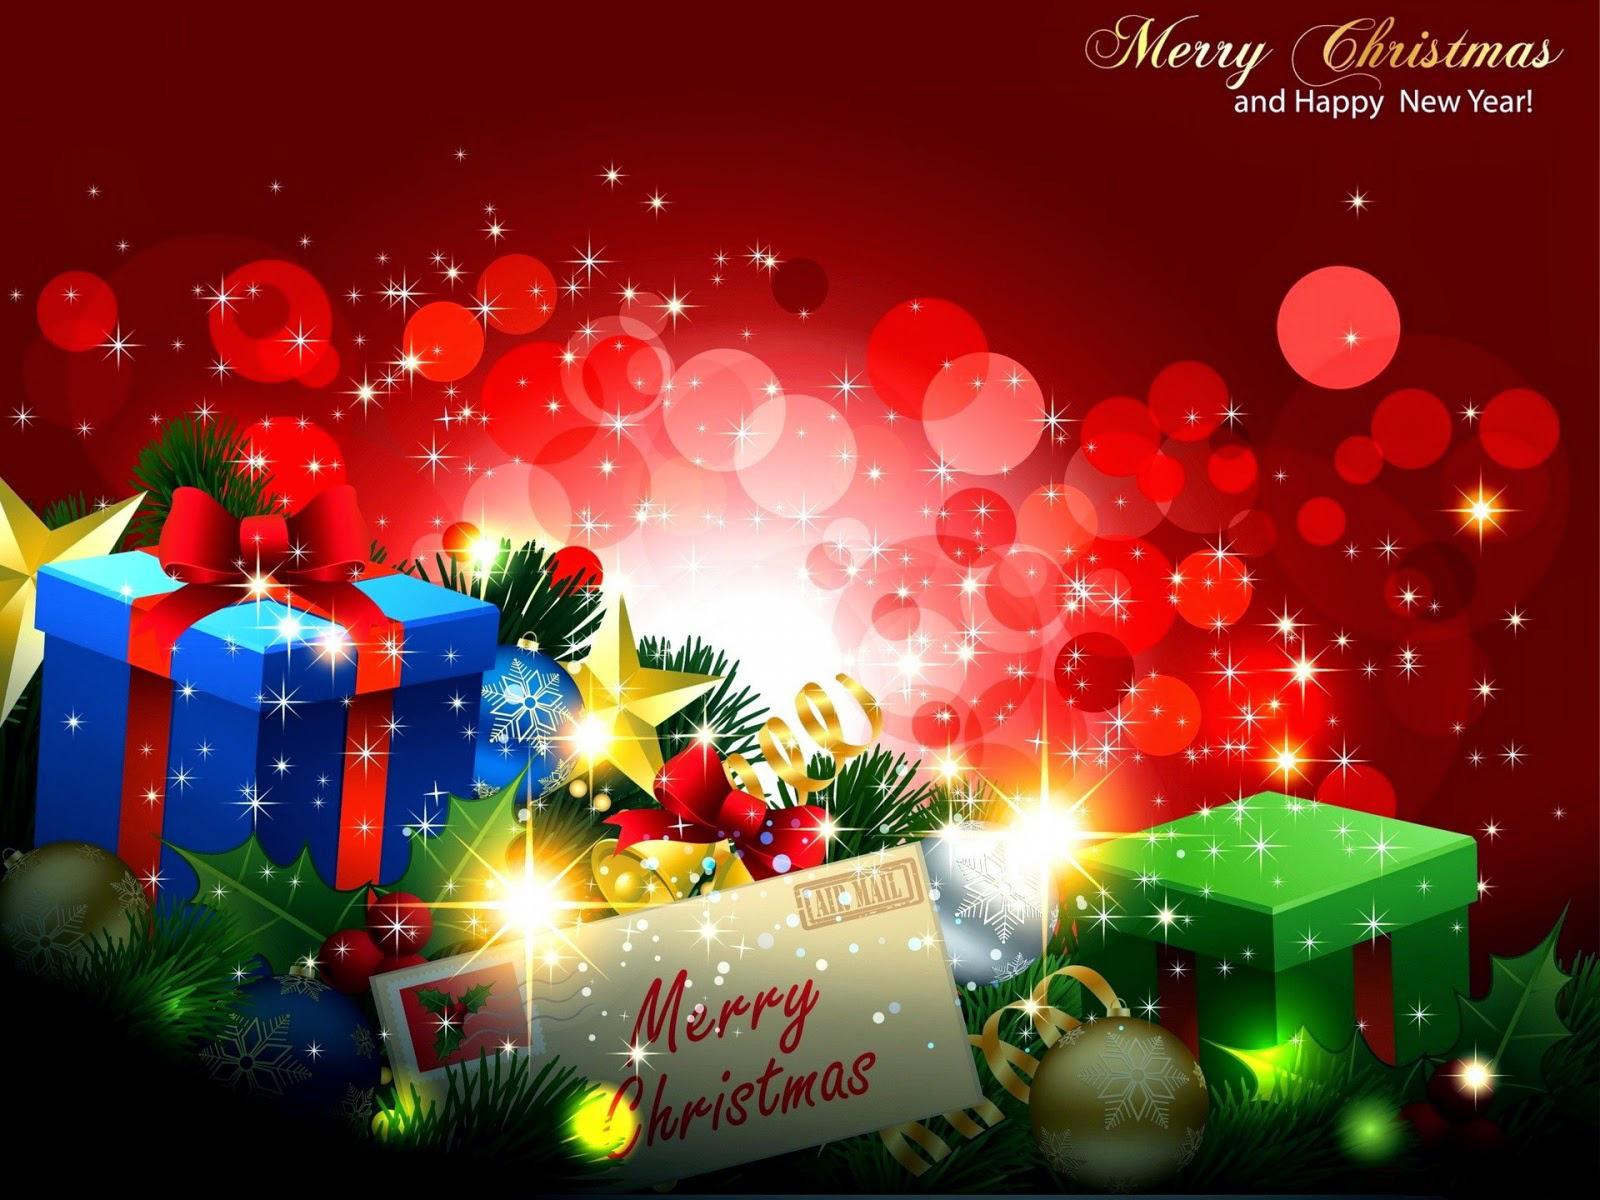 http://www.bevpres.org/uploads/Many-Gift-Christmas-2015-Image-Hd.jpg